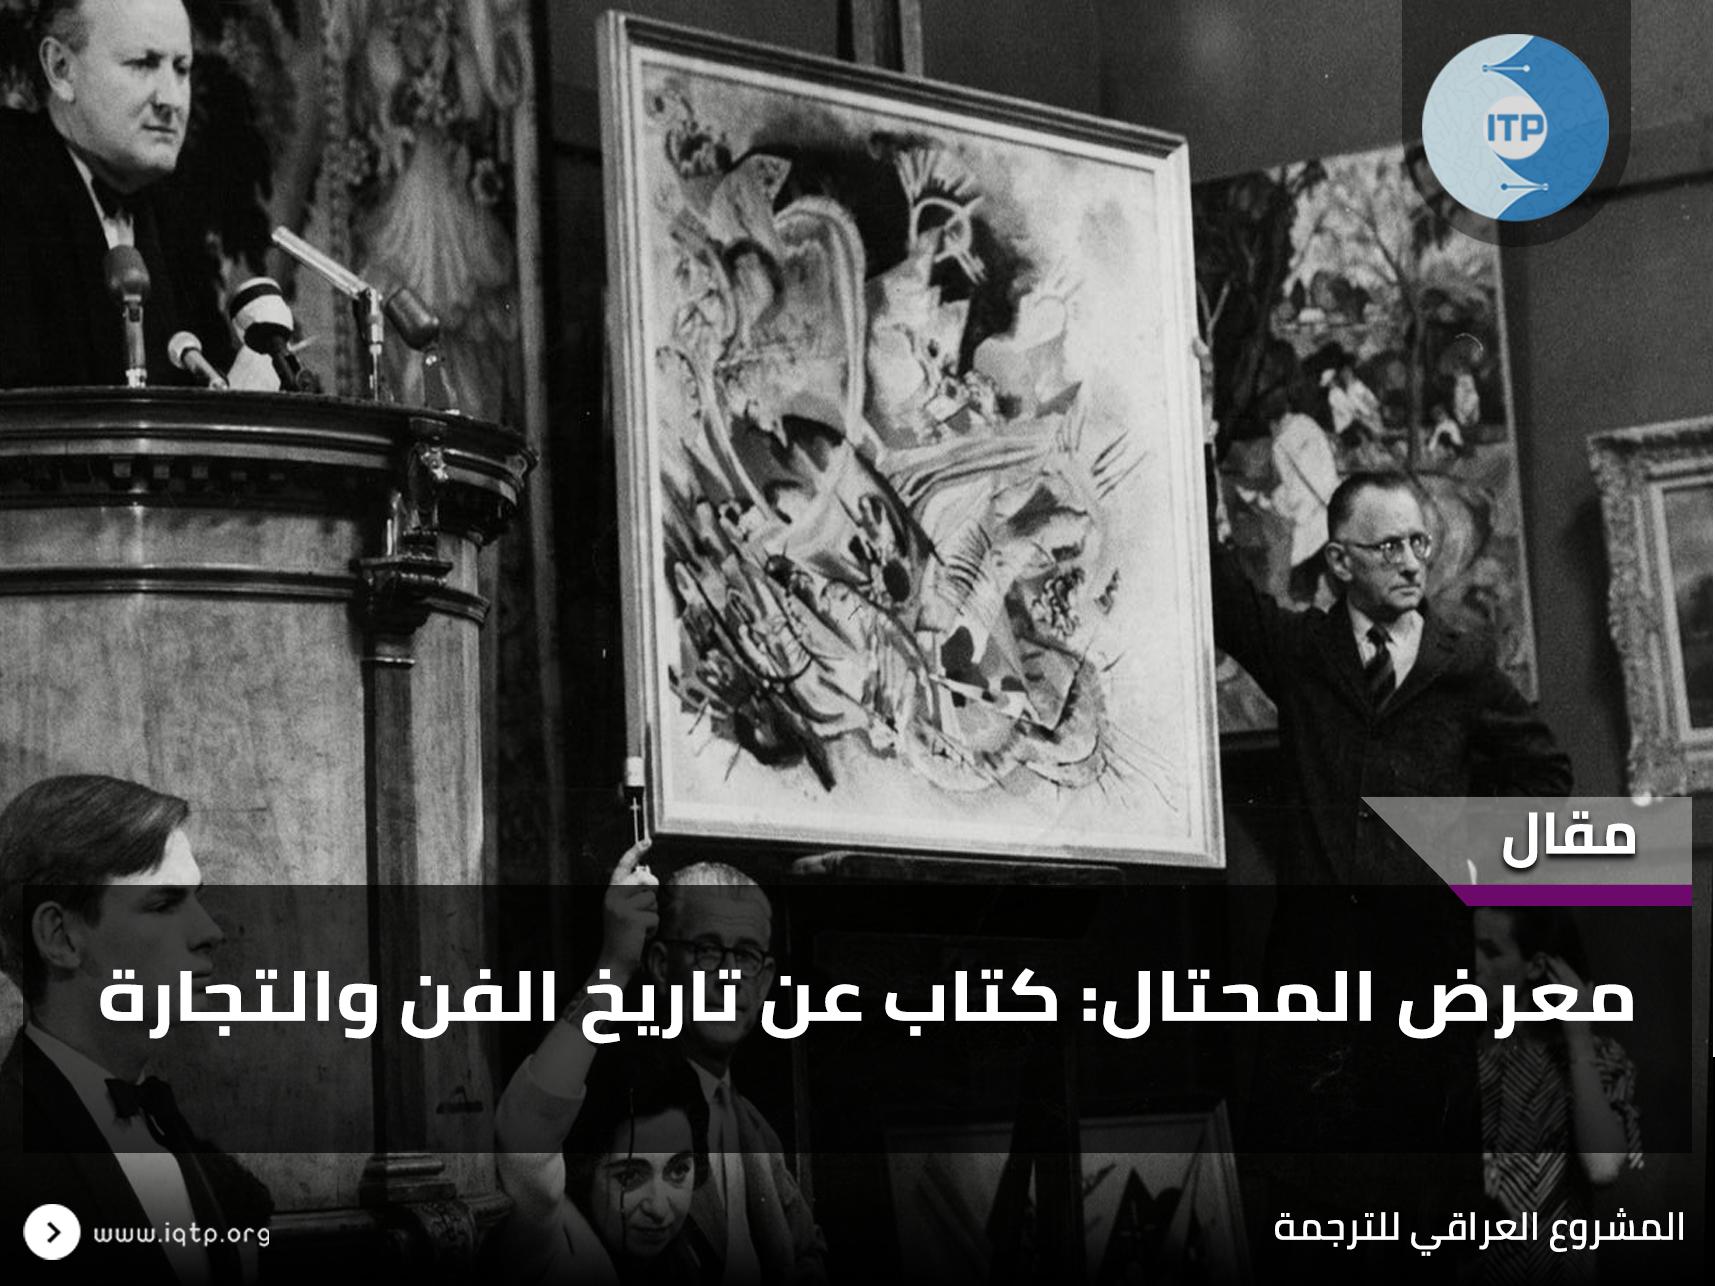 معرض المحتال: كتاب عن تاريخ الفن والتجارة